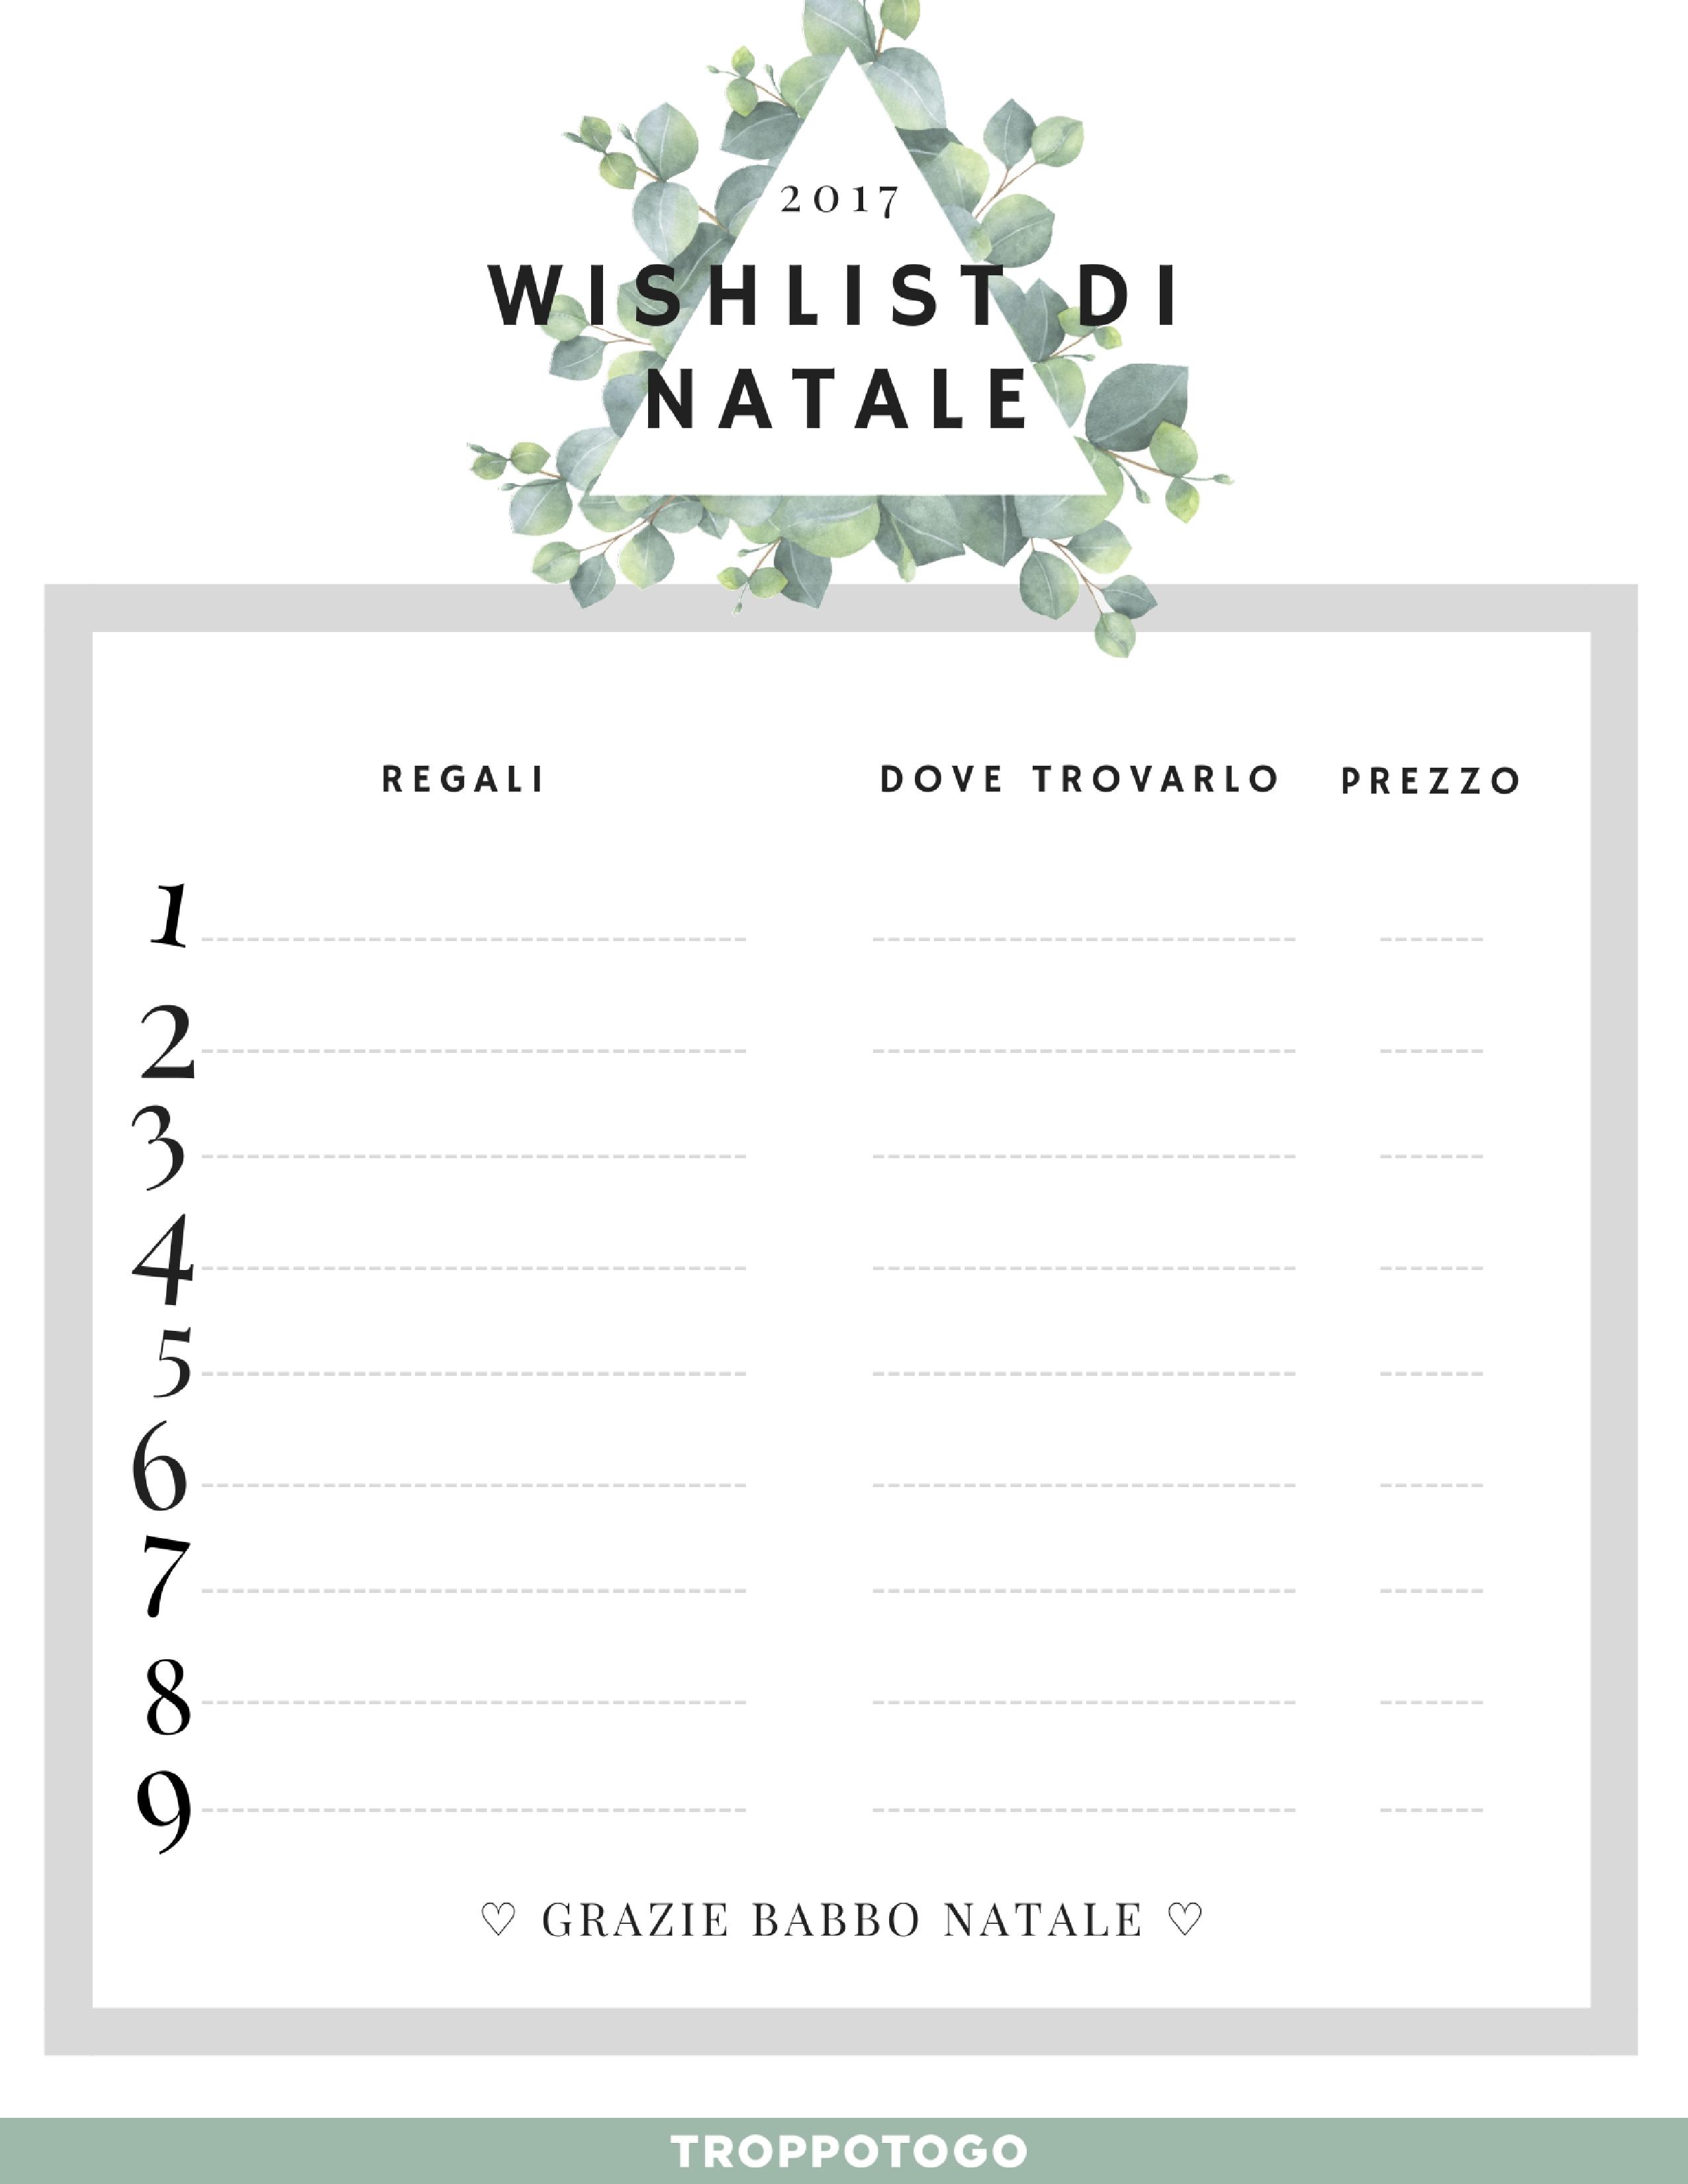 Regali Di Natale Per Tutti.La Tua Personale Wishlist Per I Regali Di Natale Su Troppotogo